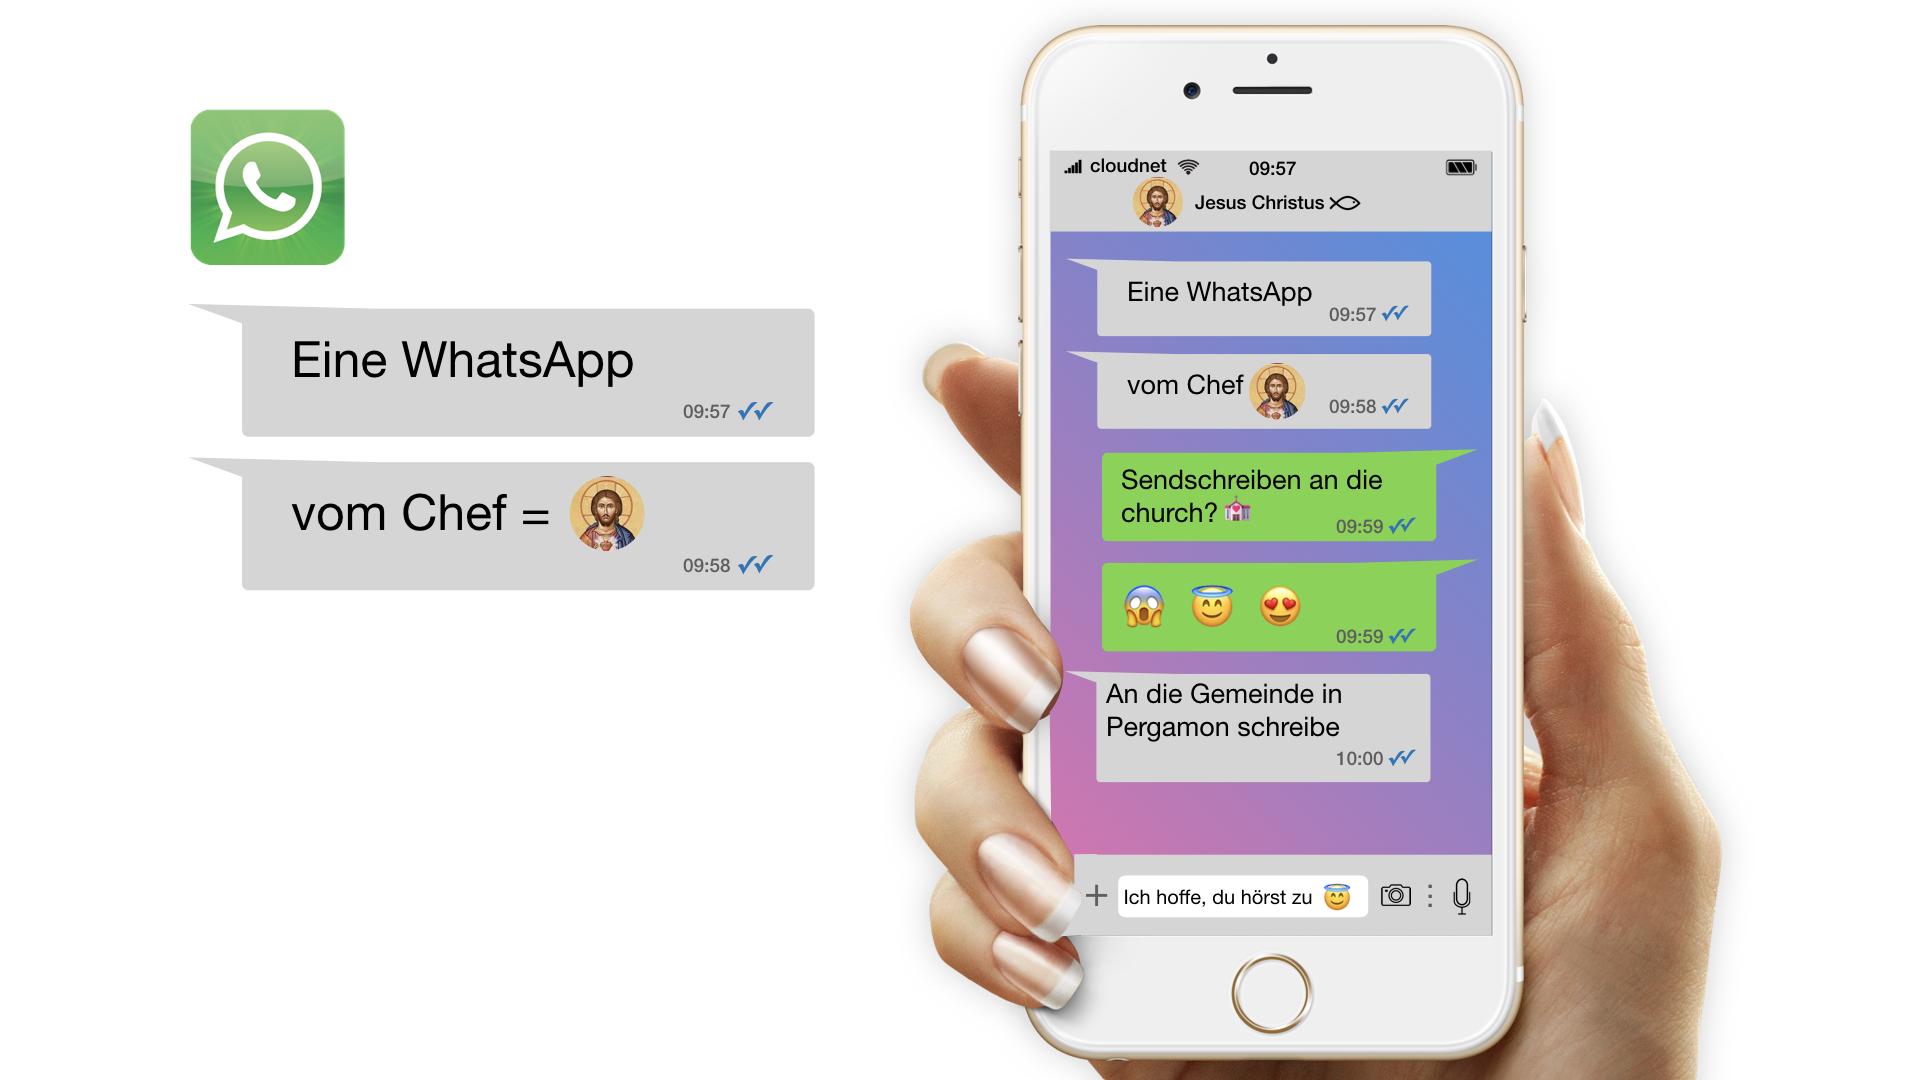 Eine WhatsApp vom Chef / Gemeinde in Pergamon